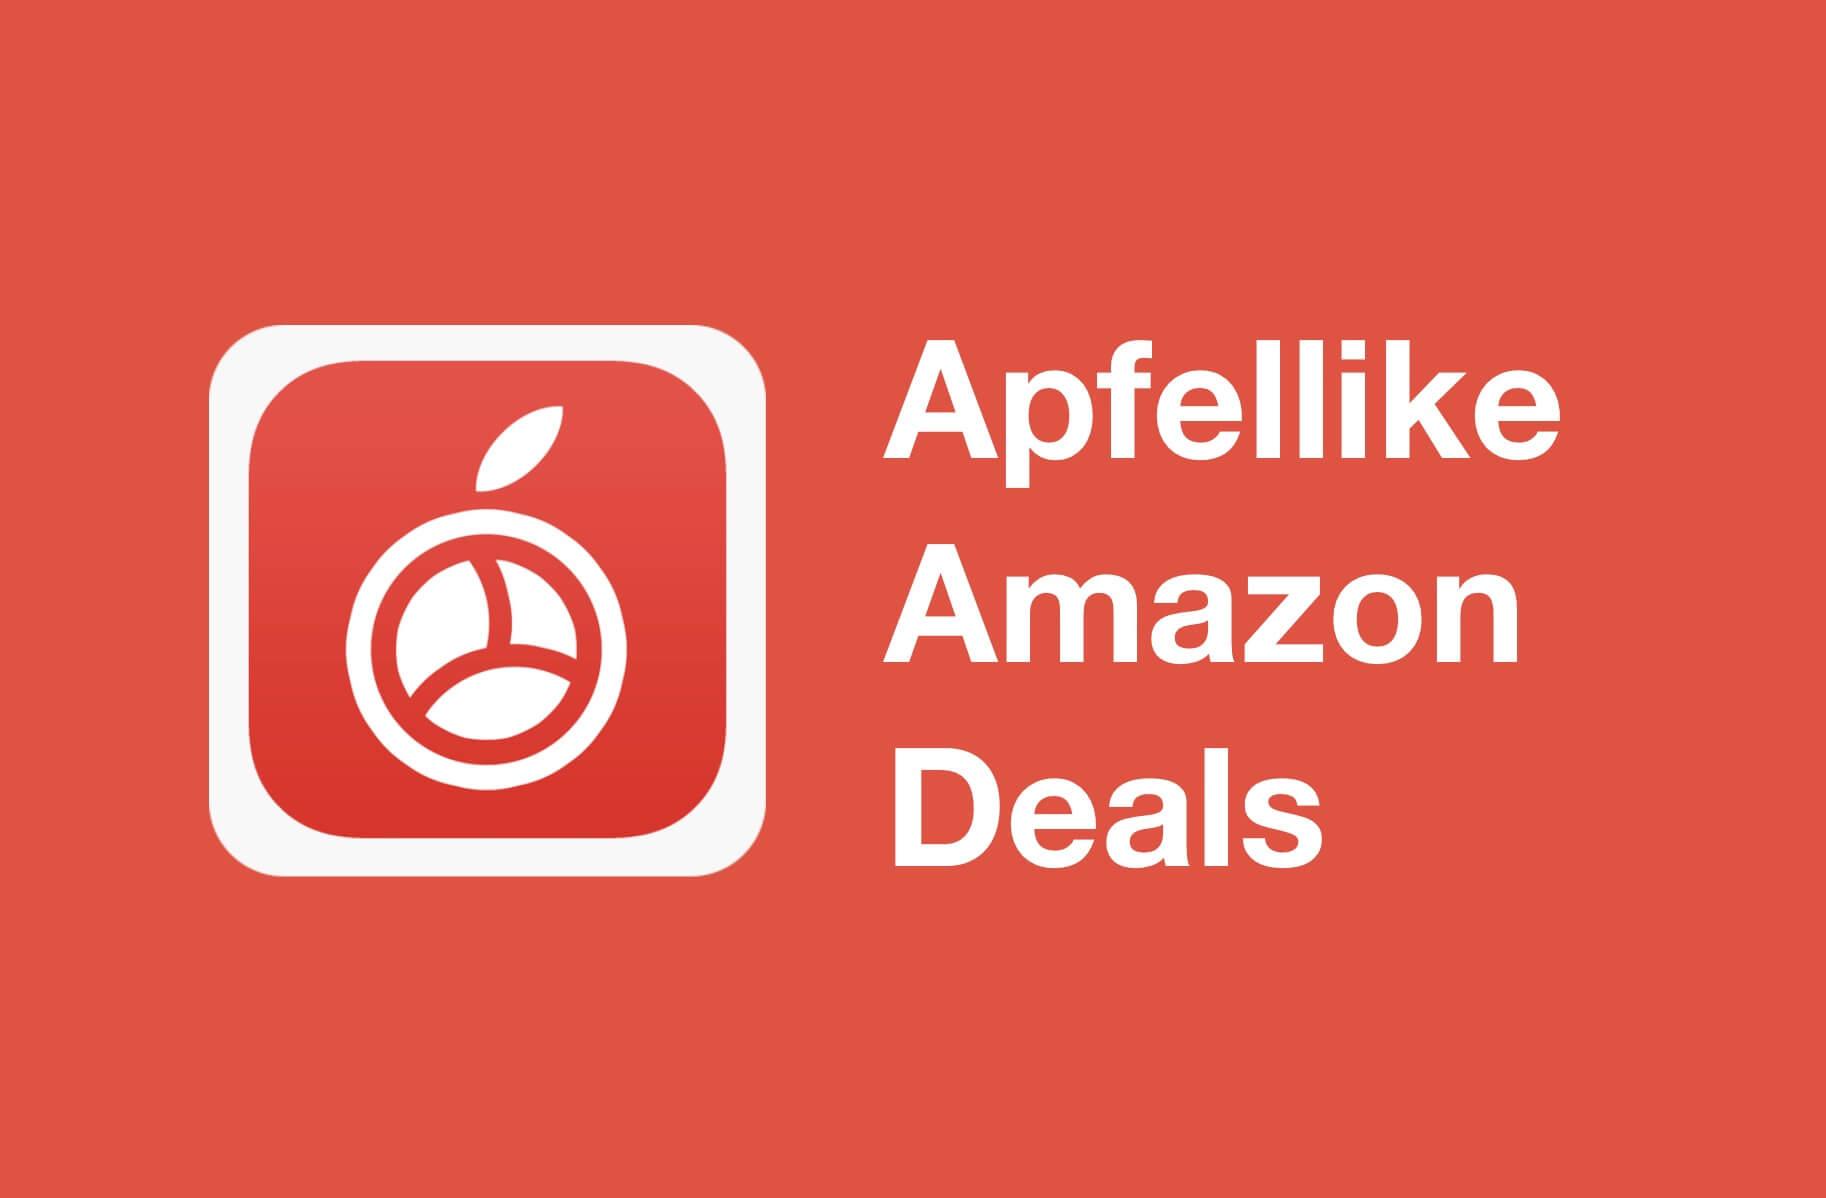 Noch schnell sparen: Bonus bei iTunes und HomeKit-Produkte günstiger bei Amazon • Apfellike.com